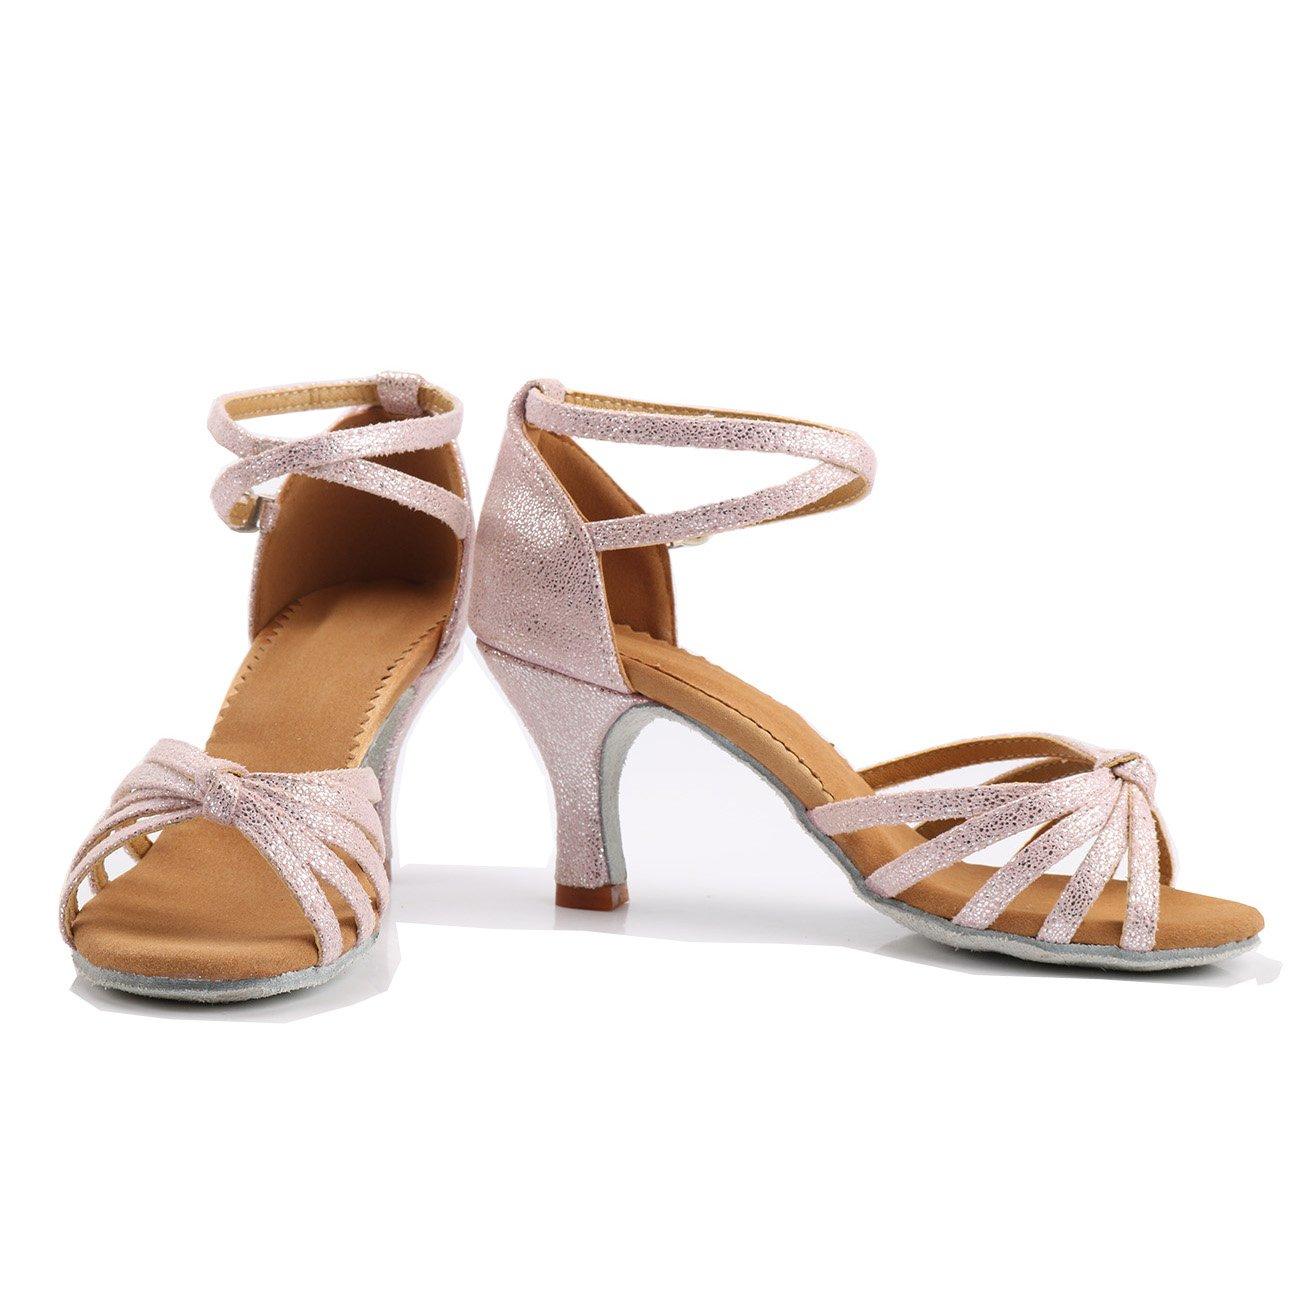 Tac/ón 5cm VESI-Zapatos de Baile Latino de Tac/ón Alto//Medio para Mujer Rosa 35